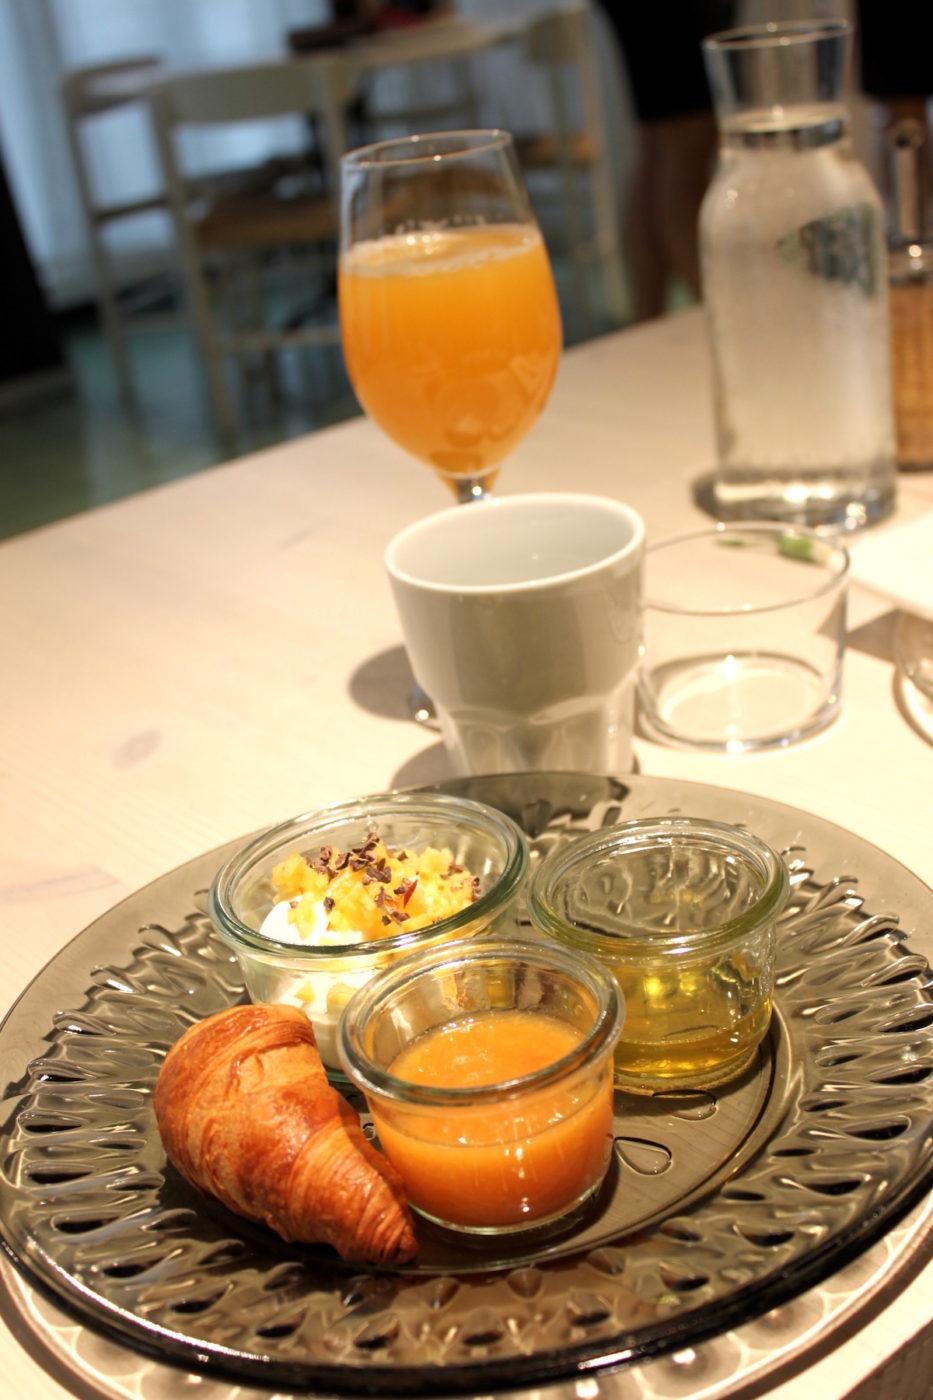 Frukost på Voltaire elinfagerberg.se